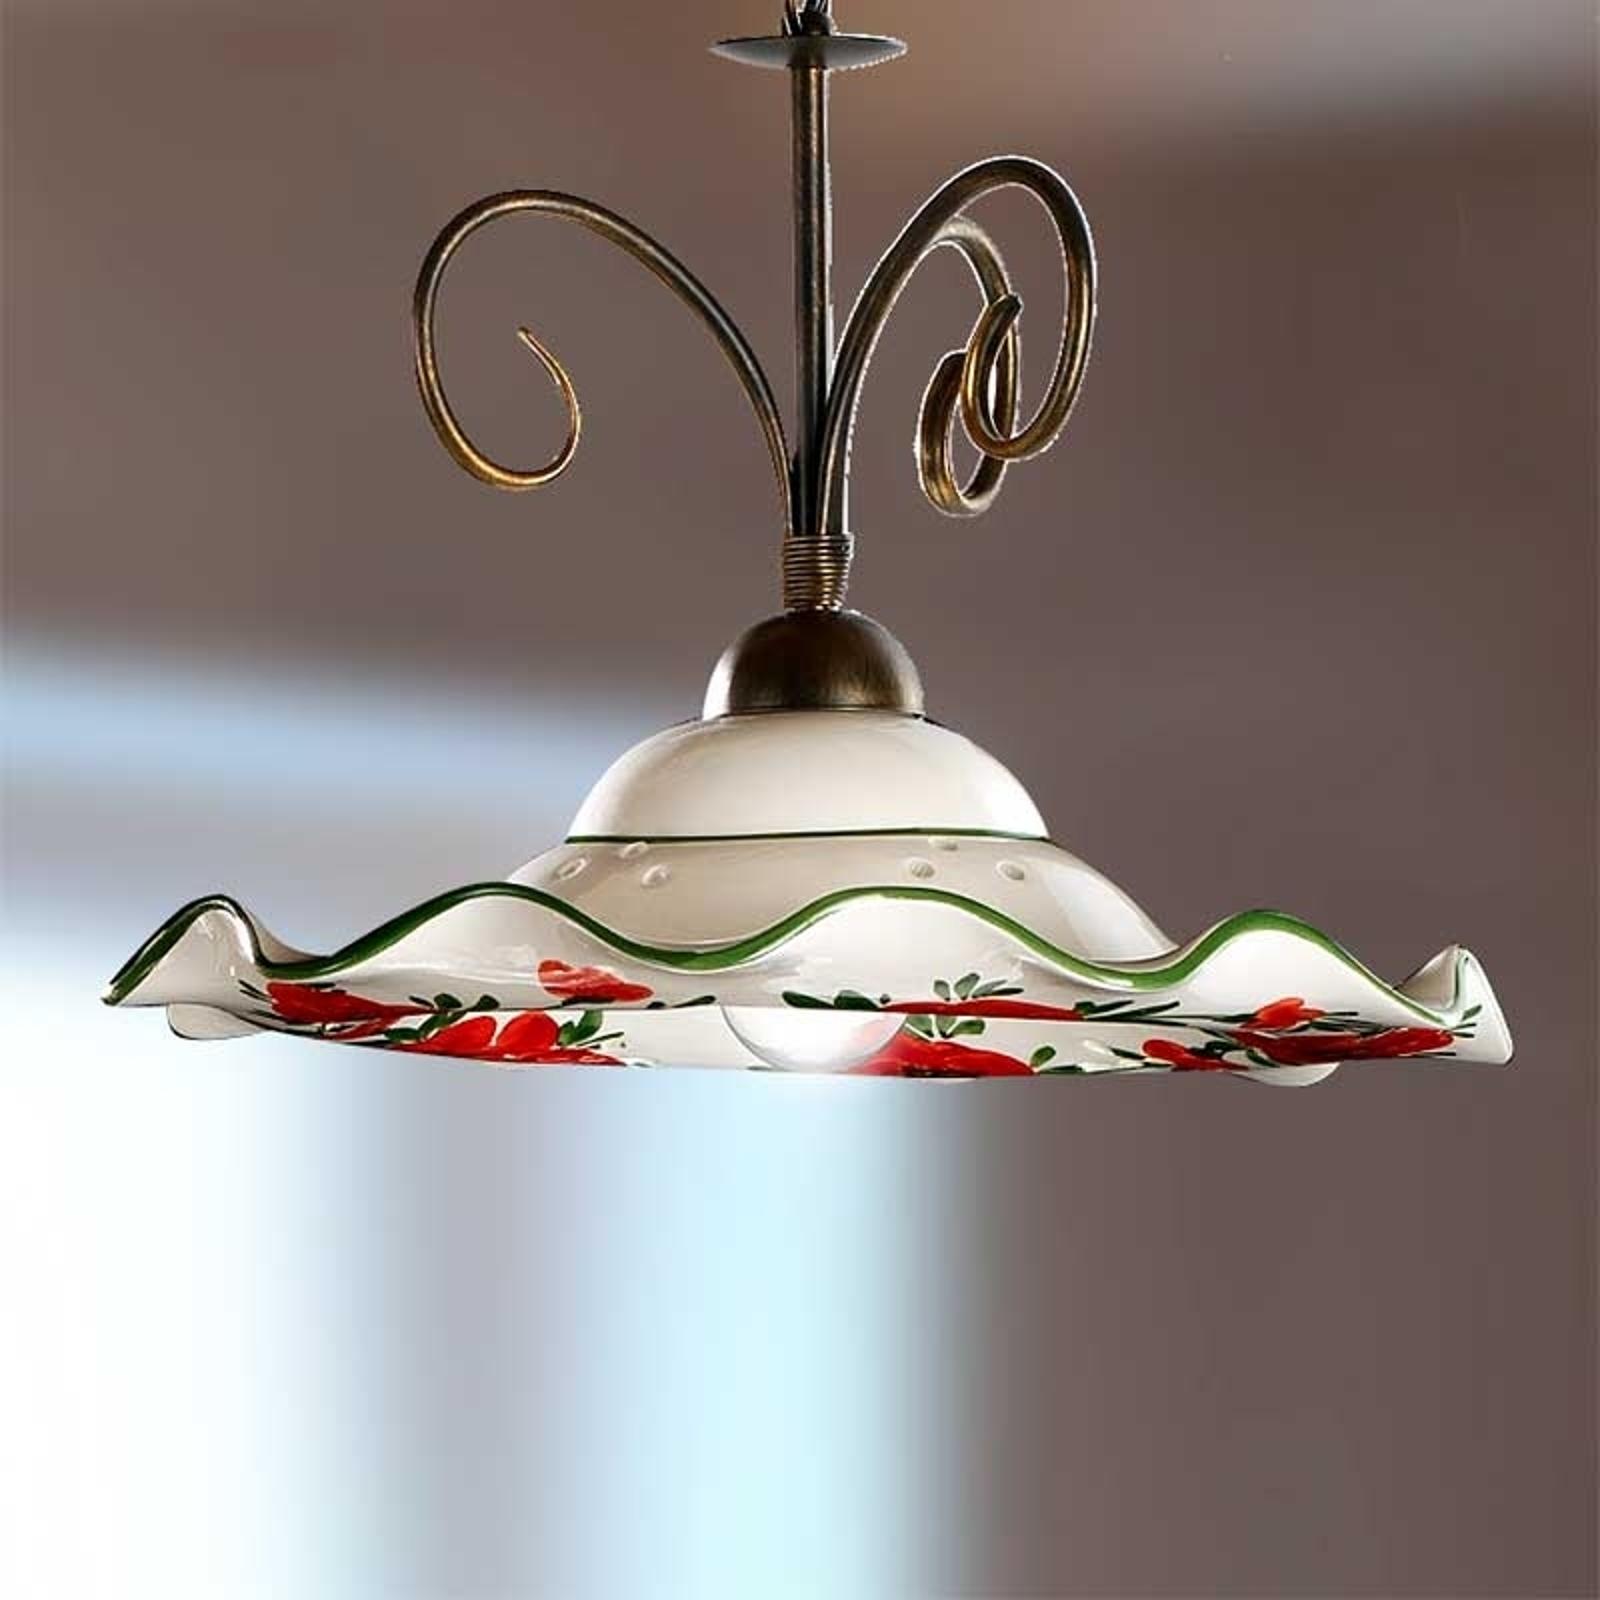 Prachtige hanglamp ROSOLACCI met keramieken kap.